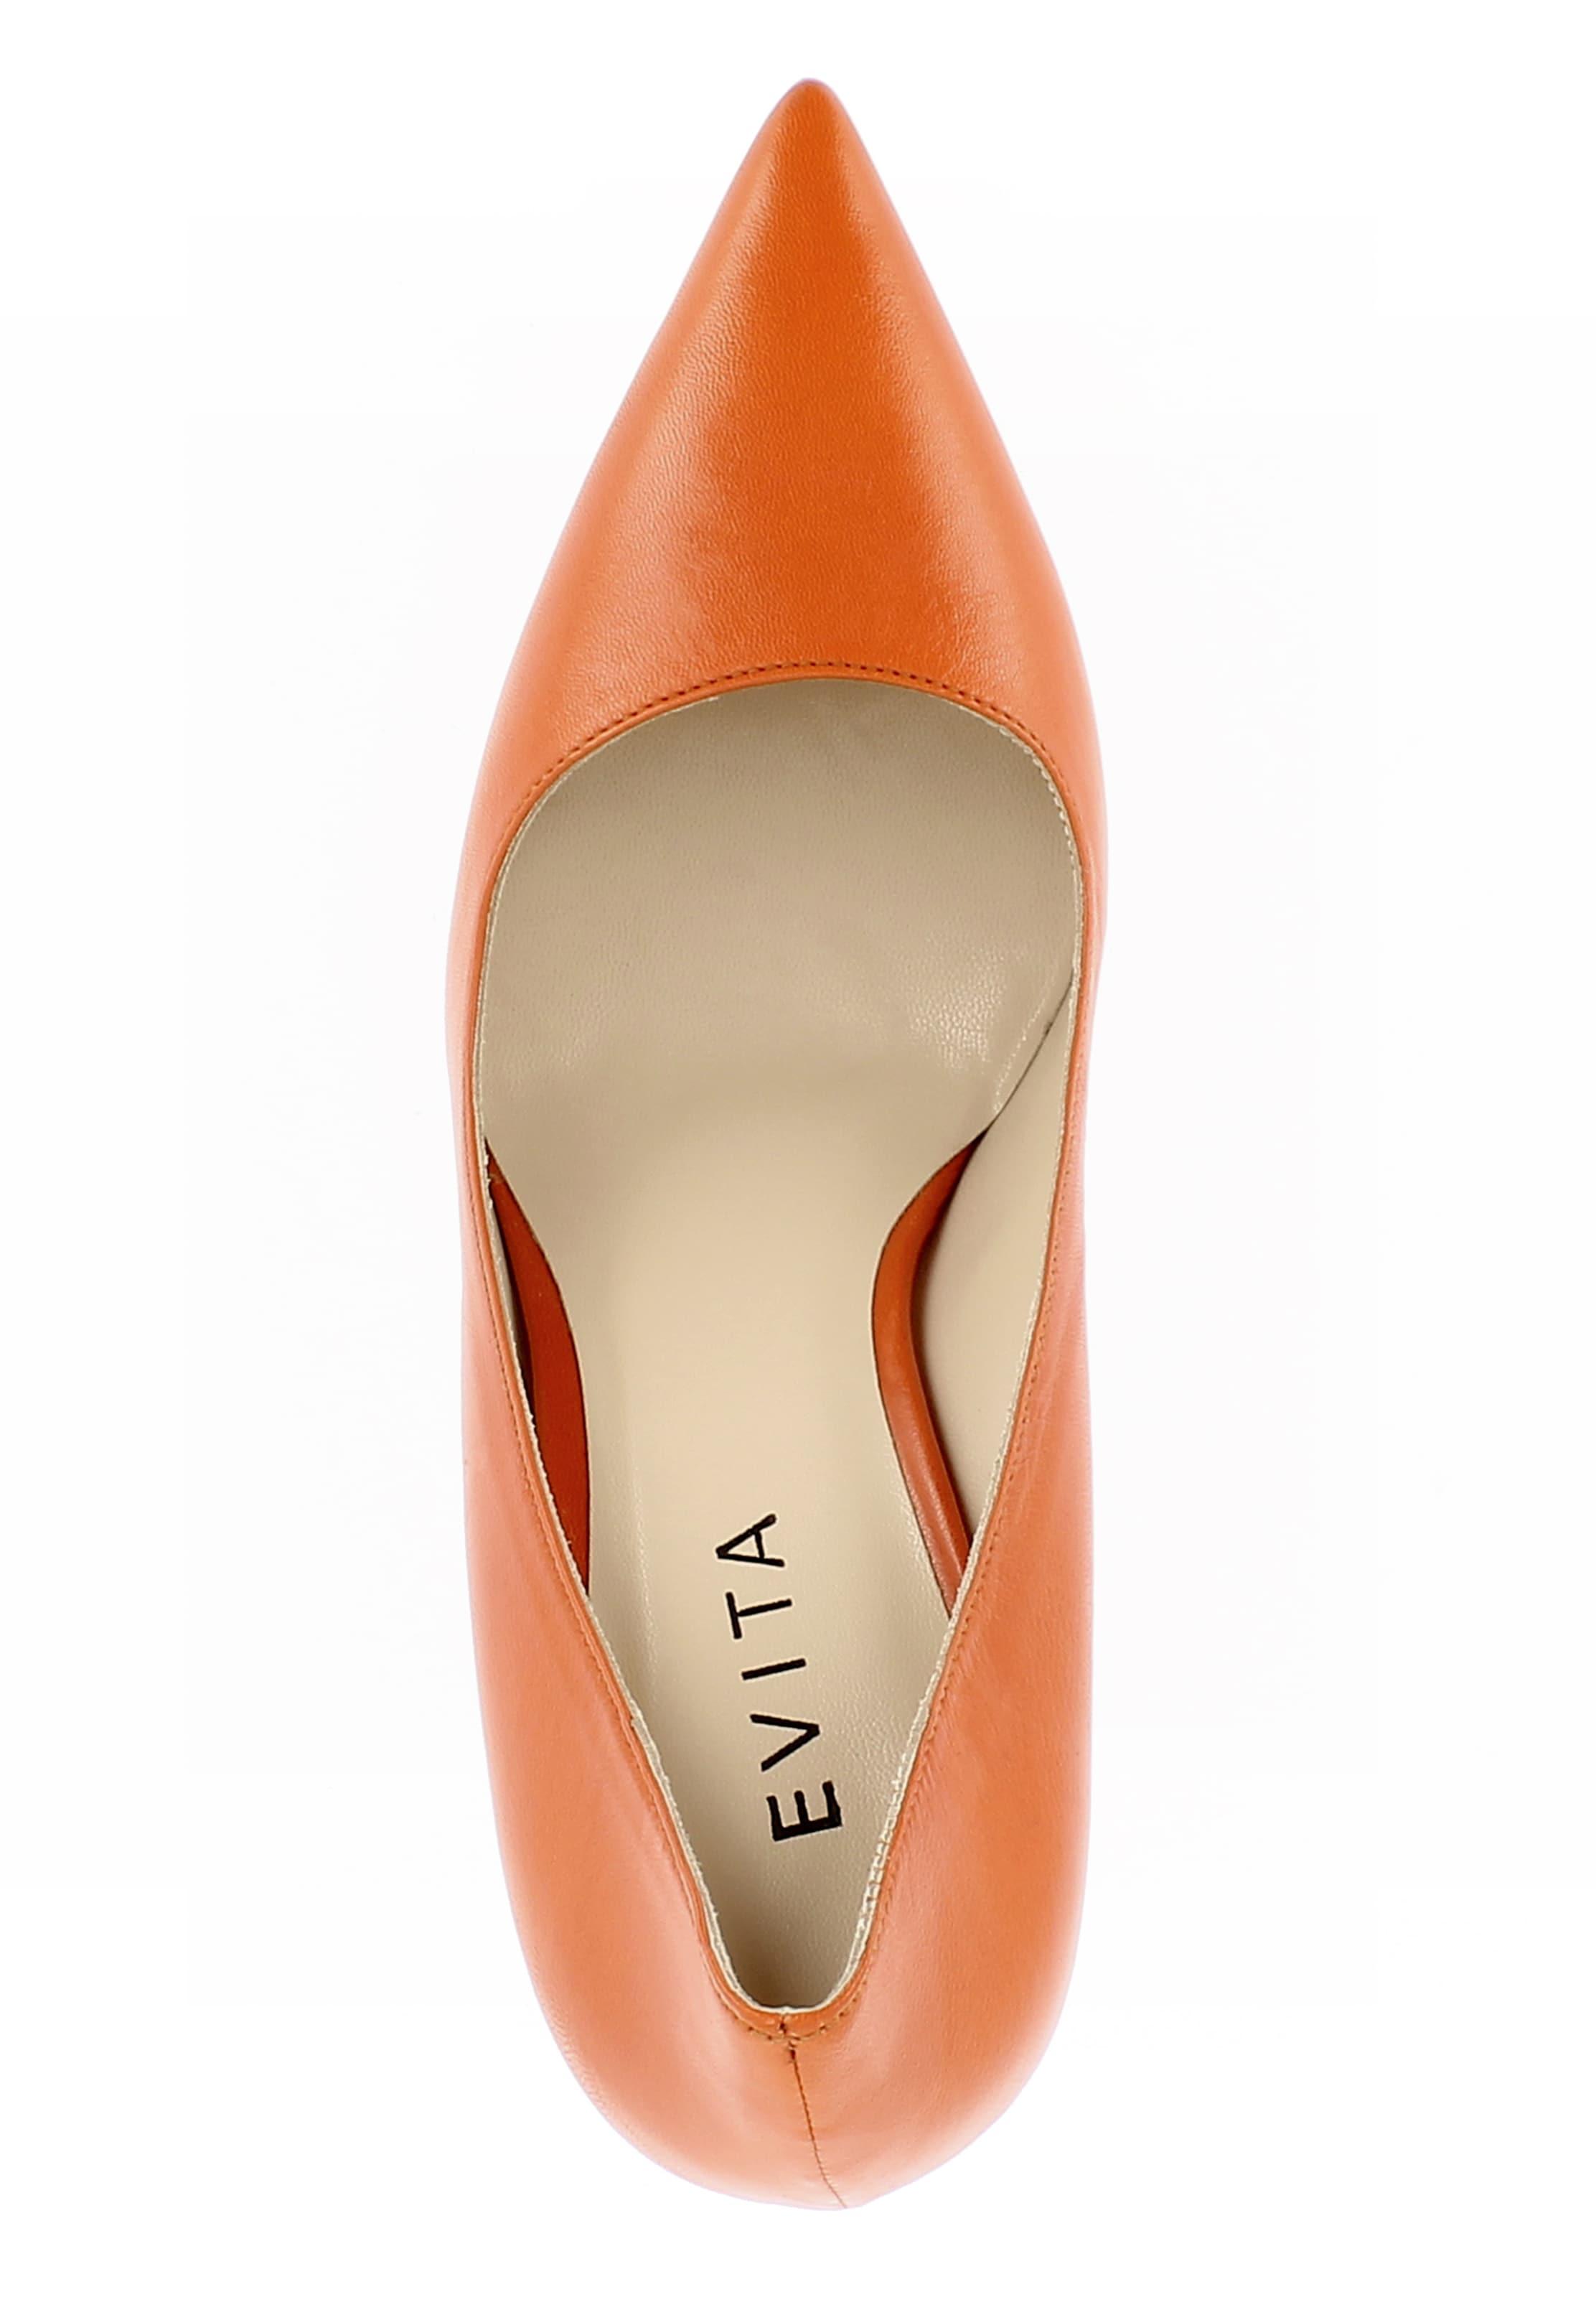 Escarpins Evita Cognac Escarpins 'natalia' Evita En 'natalia' QrxsCthd